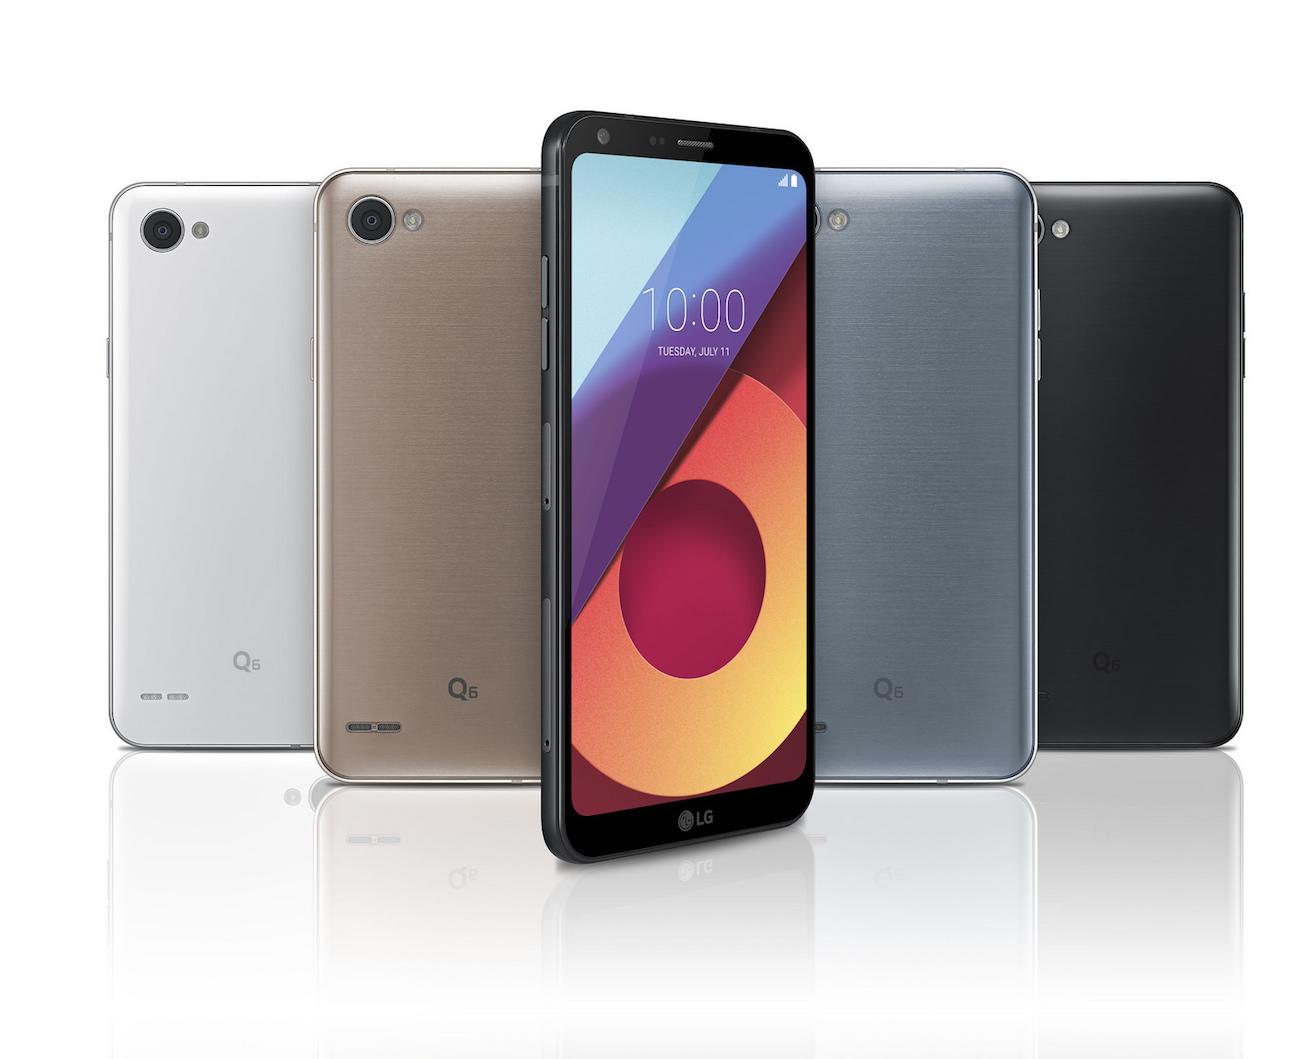 Android 8.1 Oreo comienza a distribuirse para el LG Q6